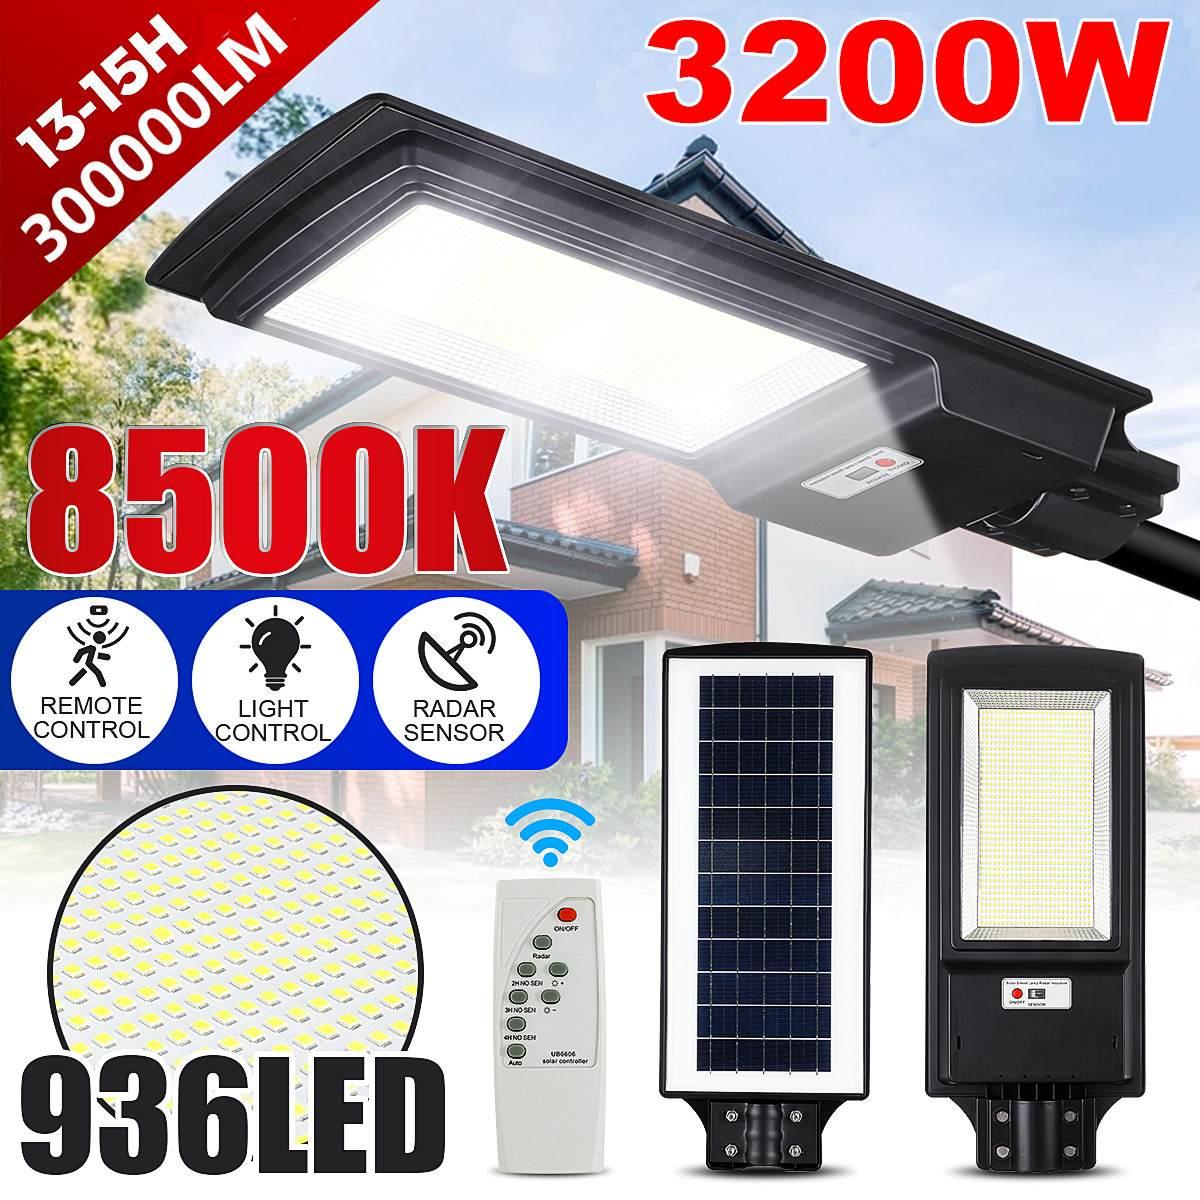 3200 Вт Светодиодный уличный фонарь на солнечной батарее IP65 436/936 светодиодный 8500K Светильник с датчиком движения, настенный светильник с дист